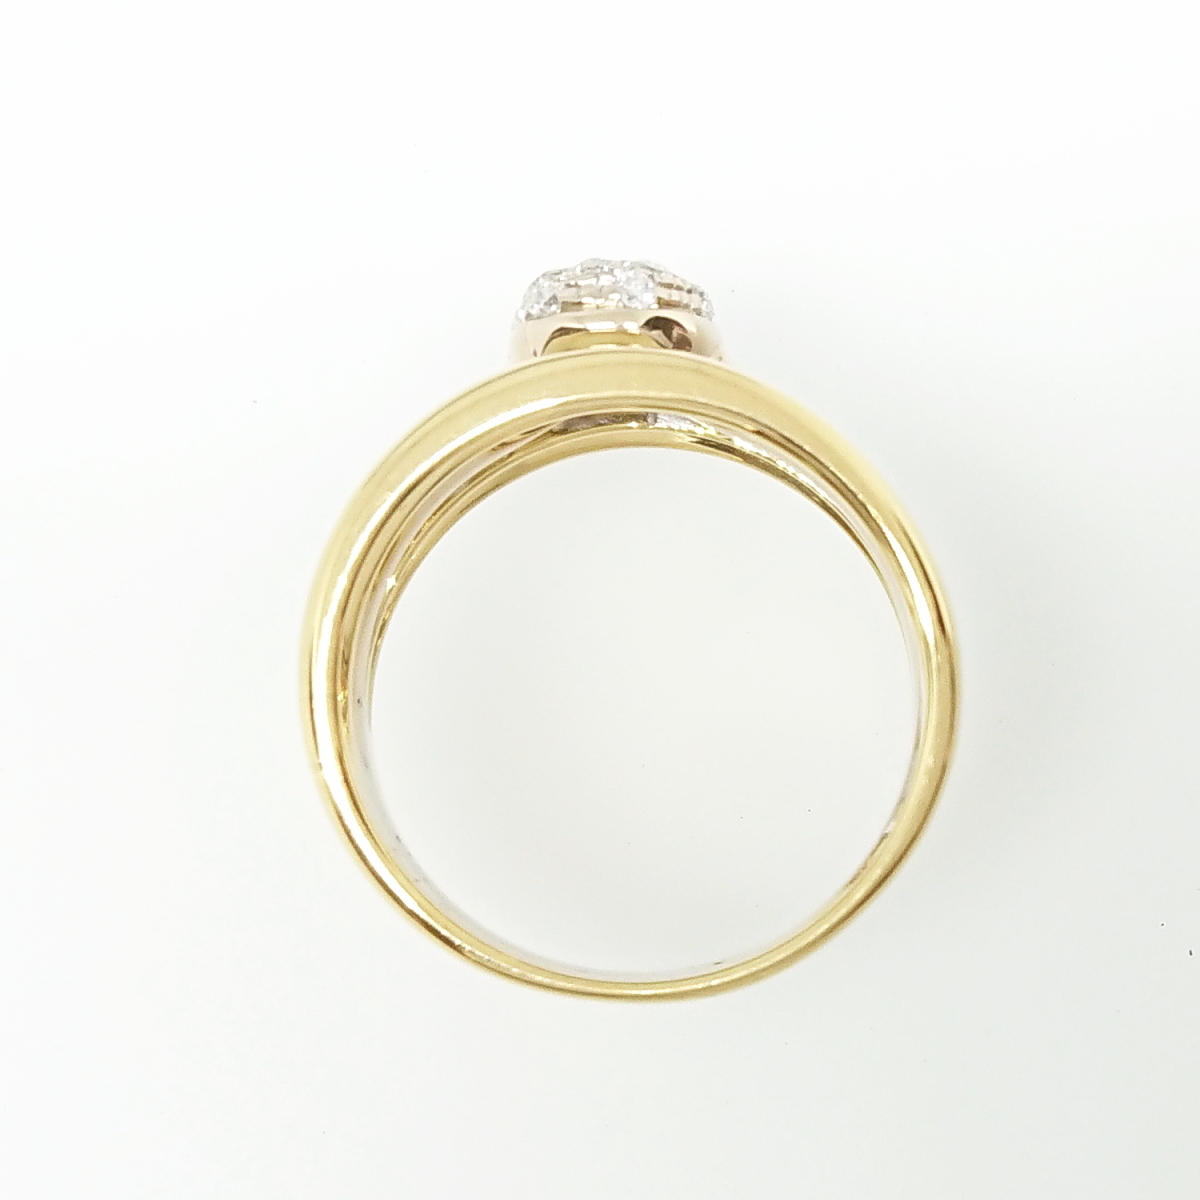 【送料無料】ポンテヴェキオ Ponte Vecchio 750YG/WG ダイヤモンド0.13ctリング 11号★新品仕上げ済★_画像5